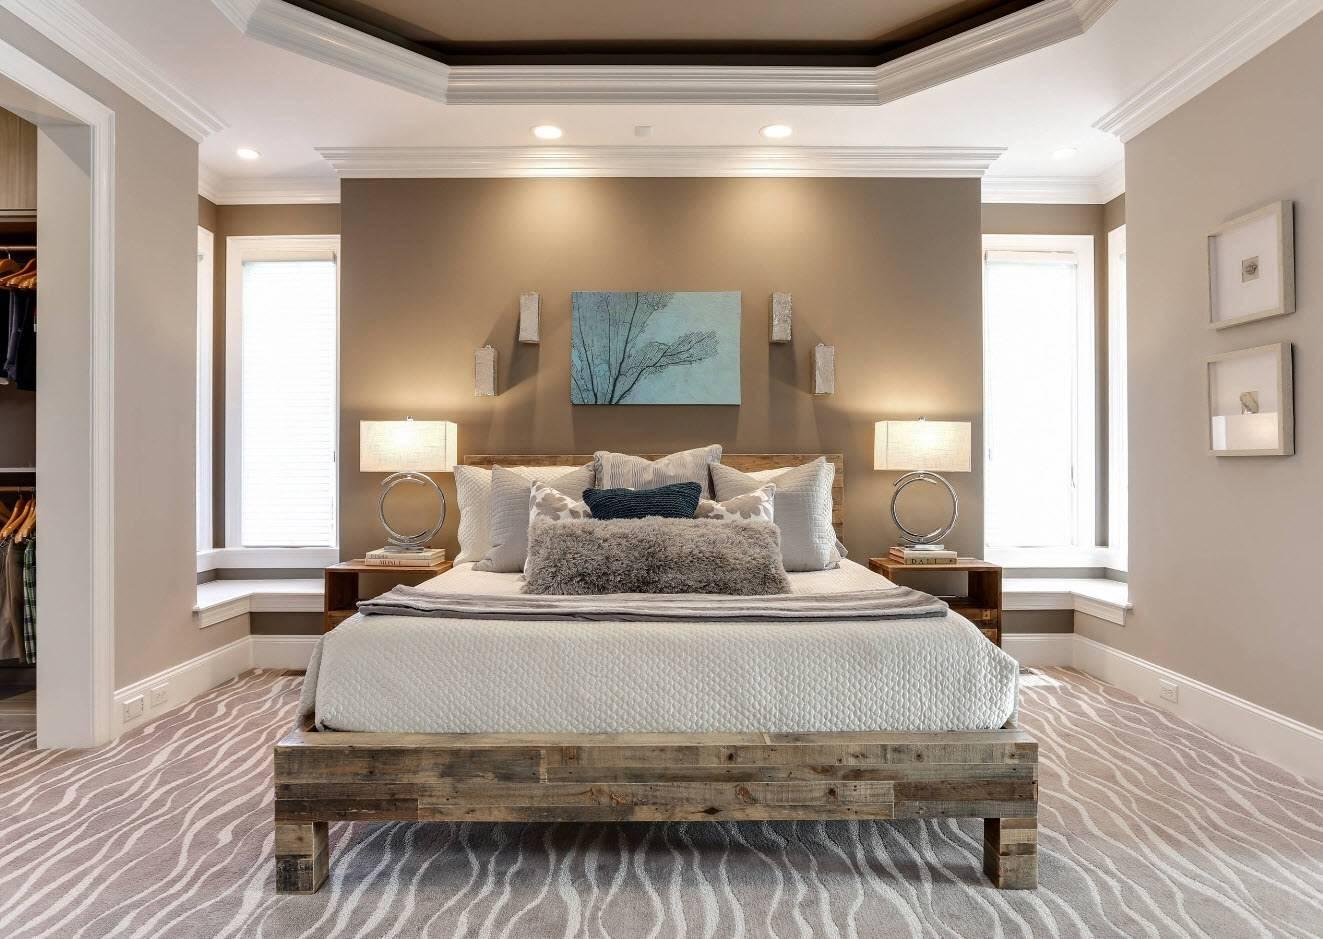 Спальня по фен-шуй, правила обустройства и оформления для здорового отдыха